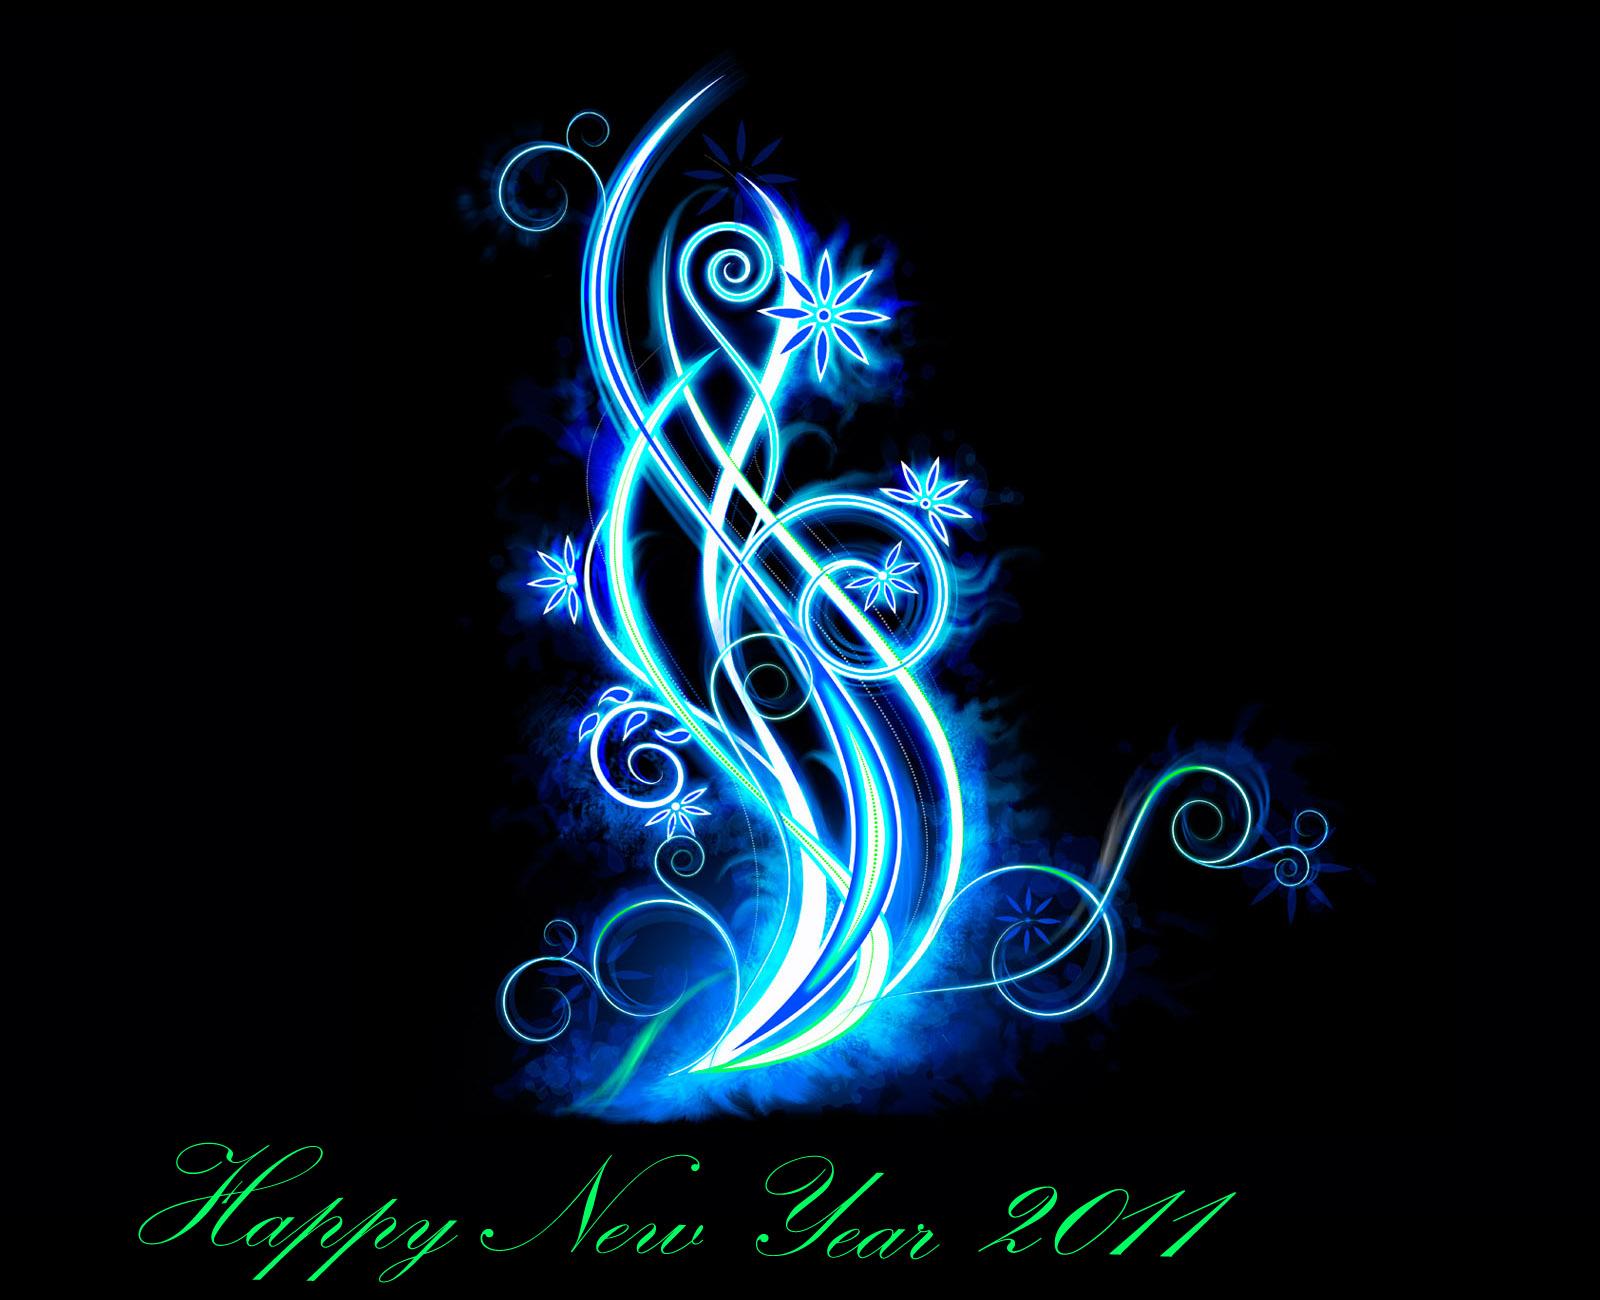 http://4.bp.blogspot.com/-Fq4yYz7yC_I/TjOVj-EPftI/AAAAAAAAJPw/N_kXcHKWKBU/s1600/new-year-quote-free-770005.jpg